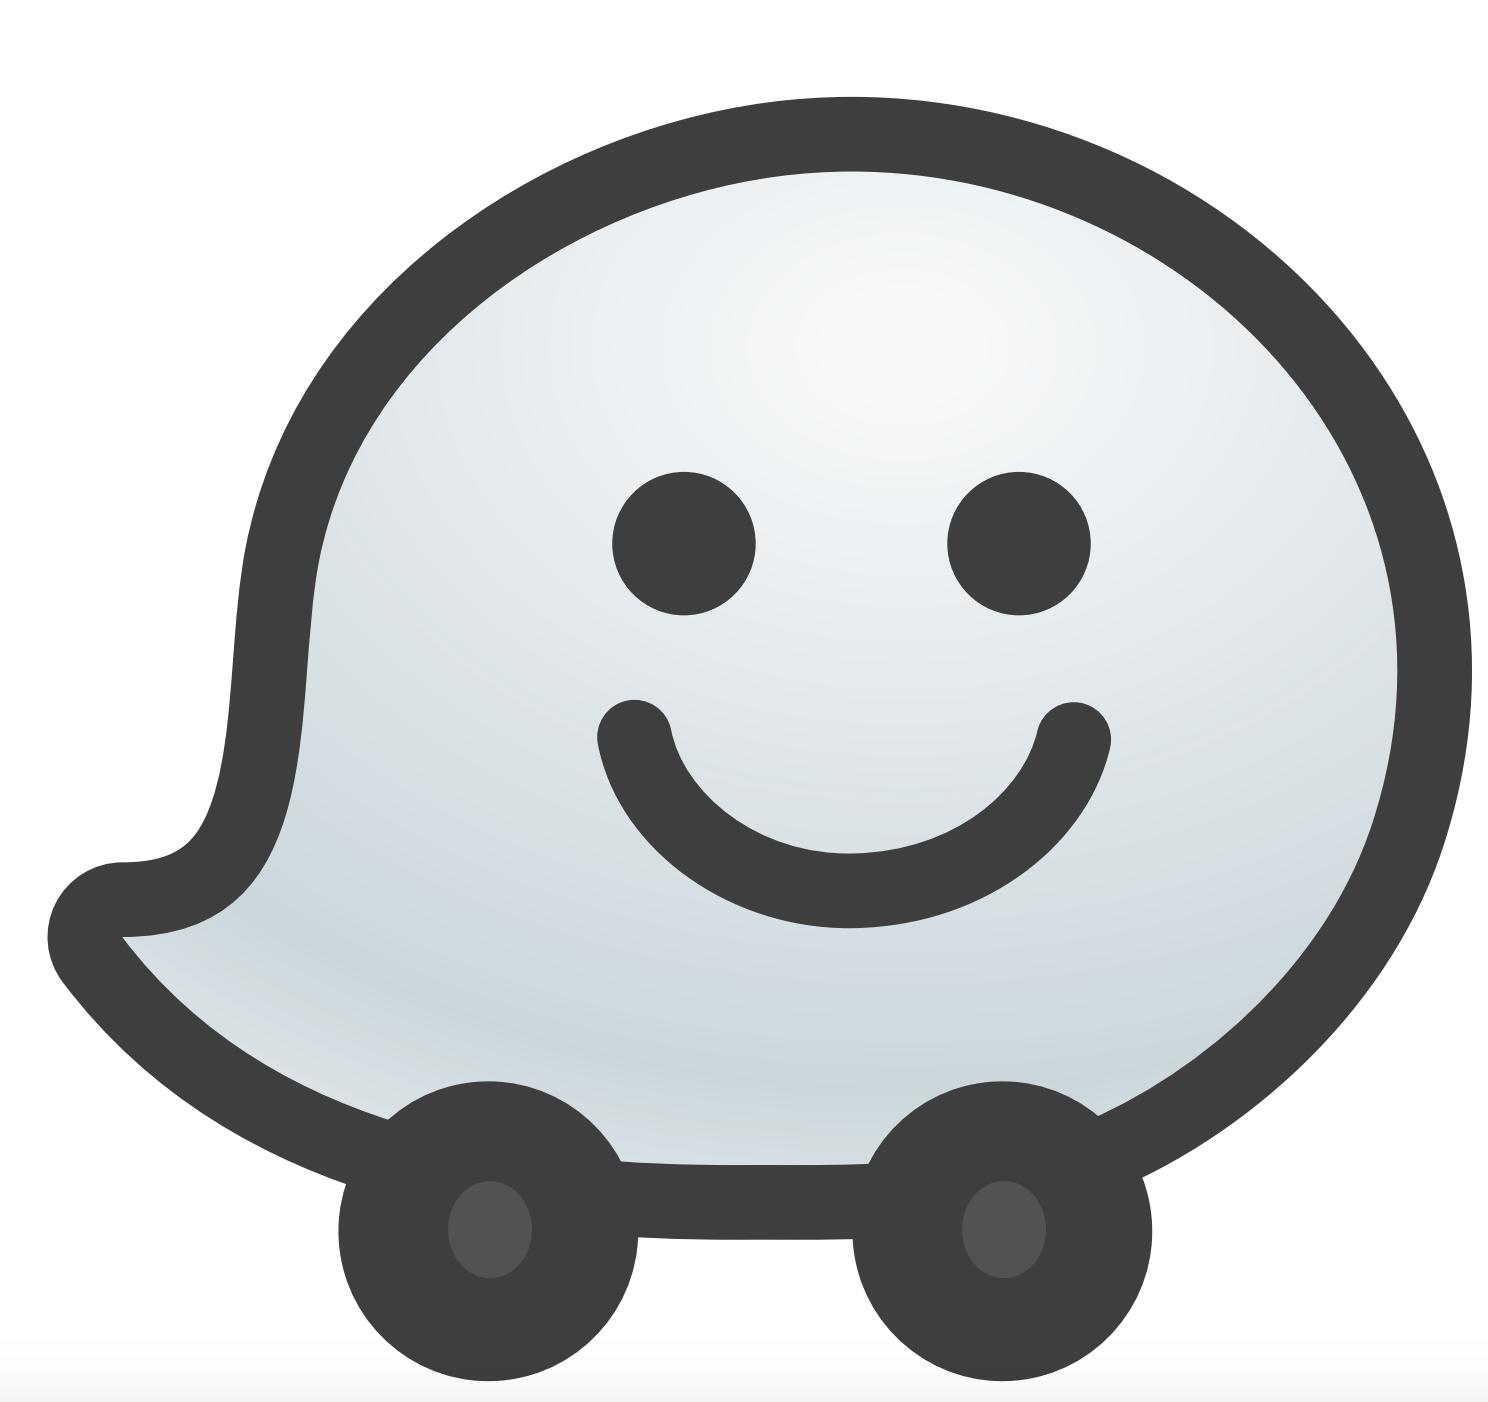 Waze Logos